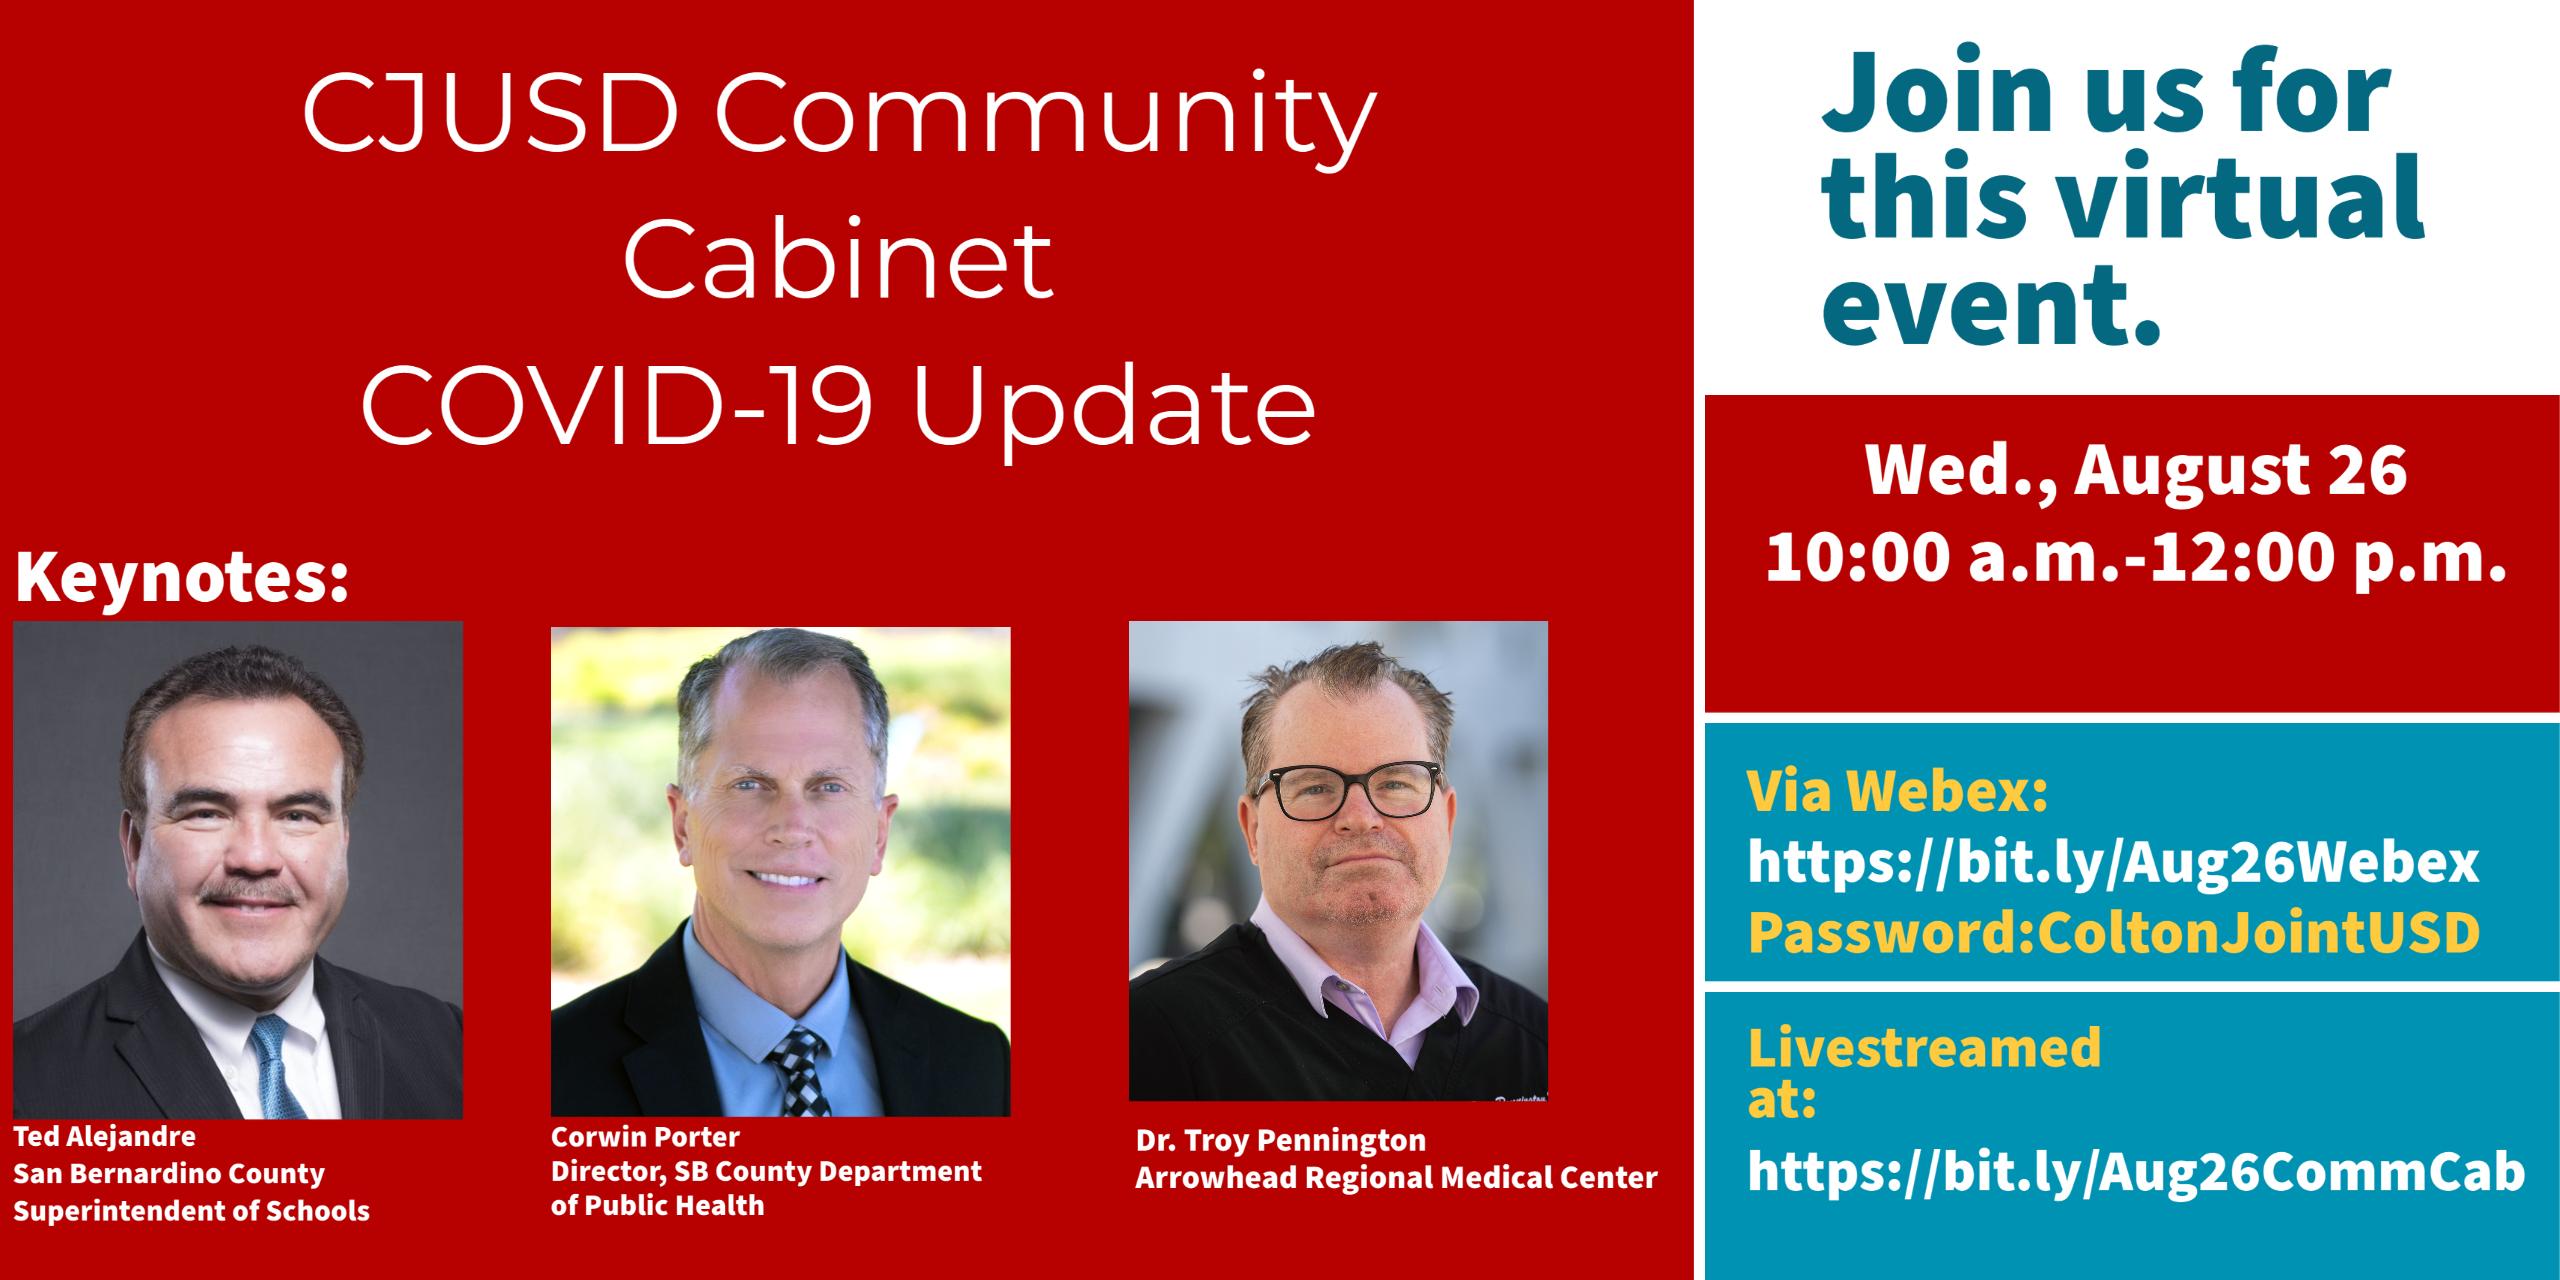 CJUSD Community Cabinet COVID-19 Update